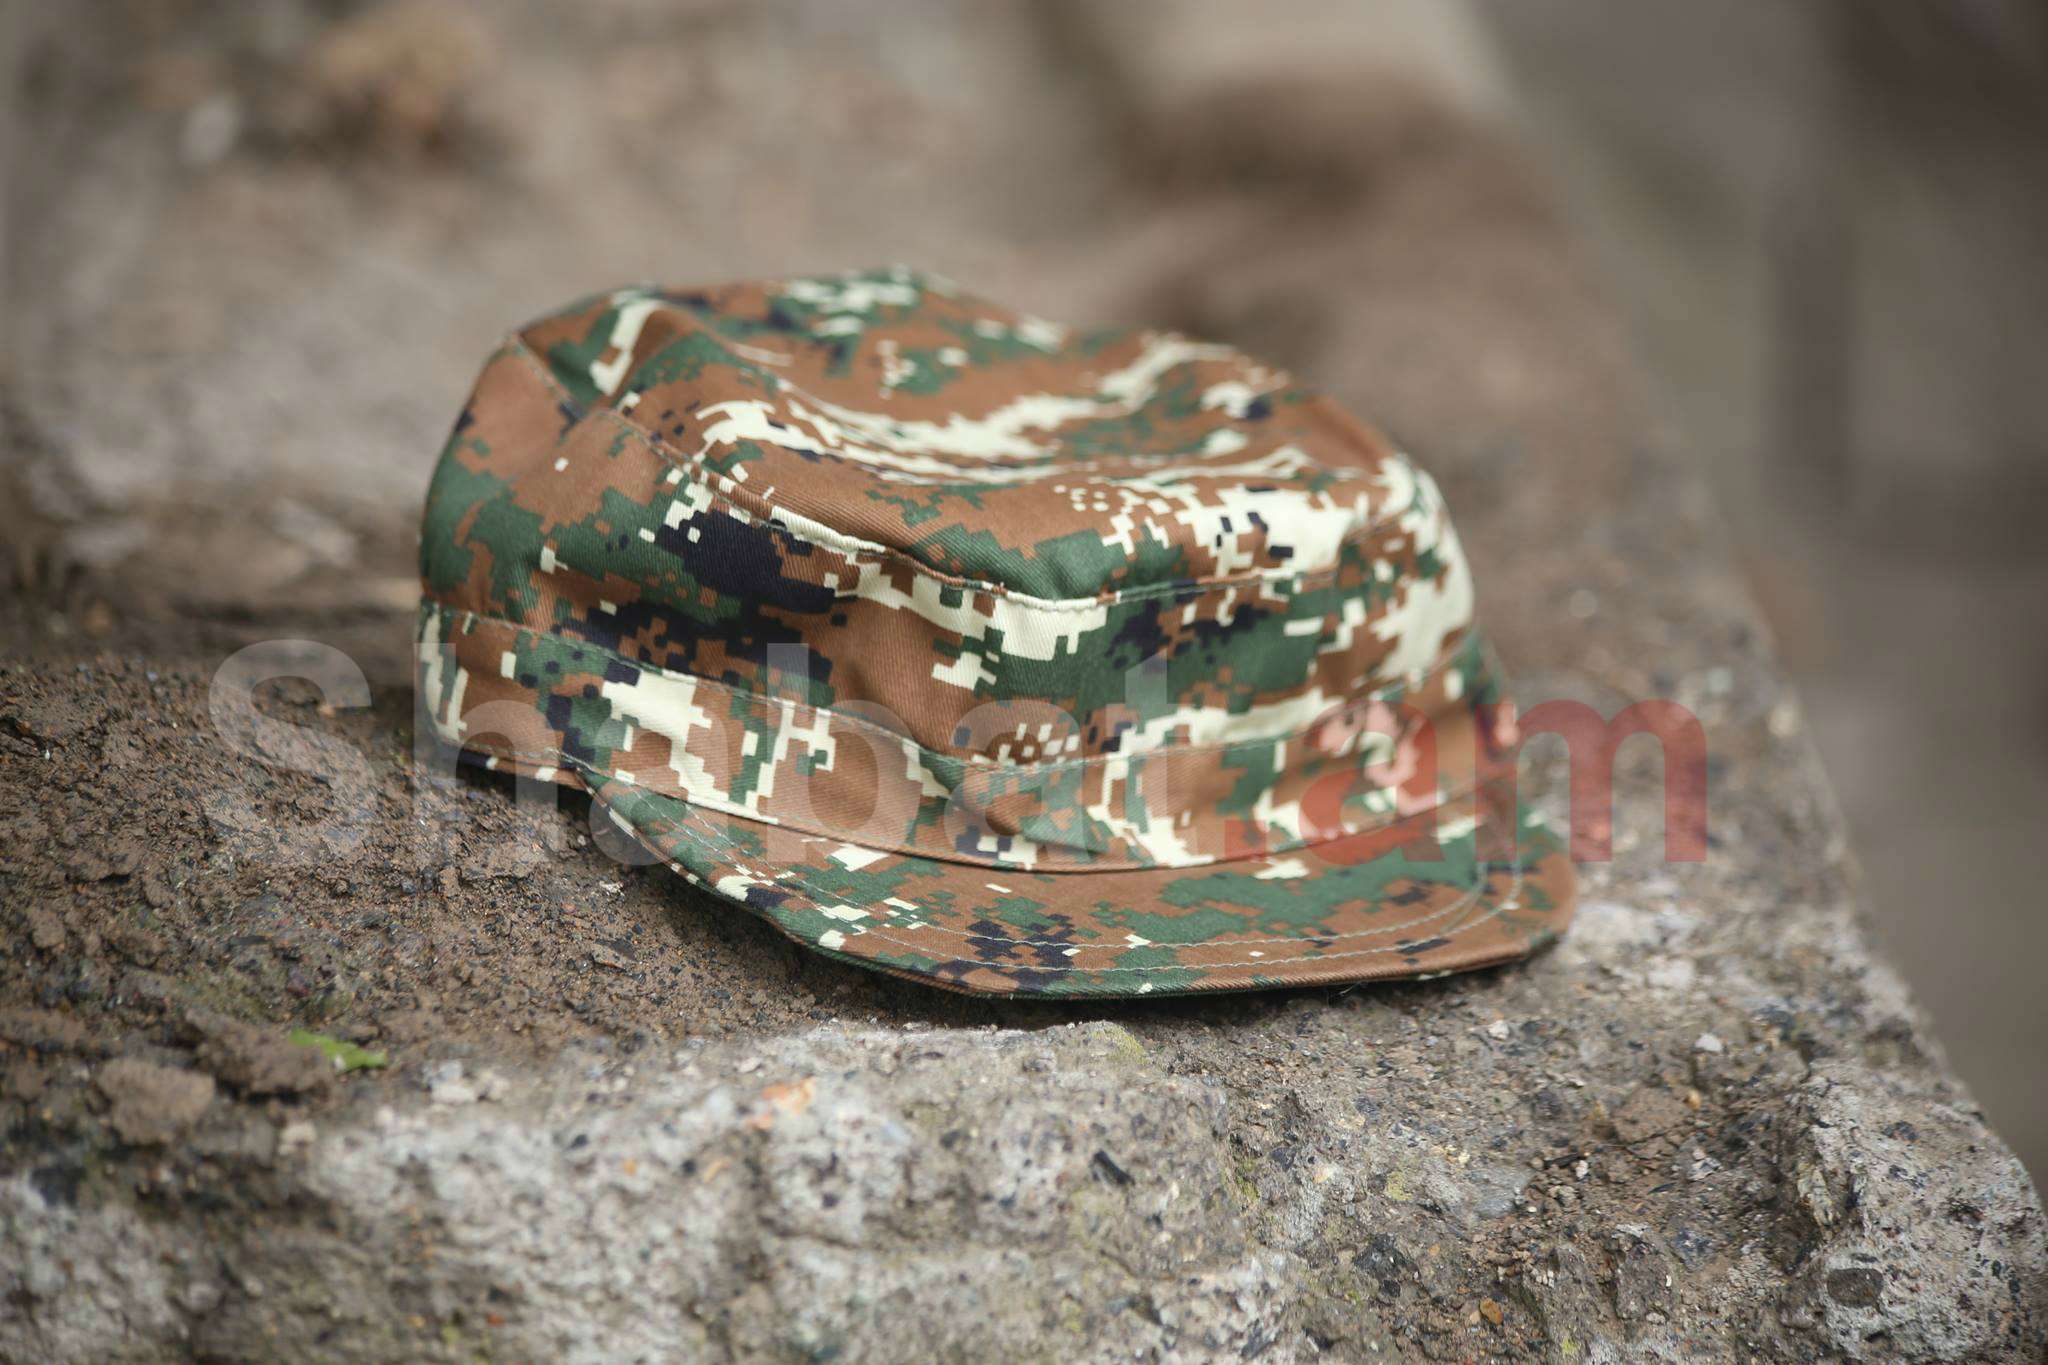 Հակառակորդի կրակոցից Արցախում 20-ամյա զինվոր է զոհվել